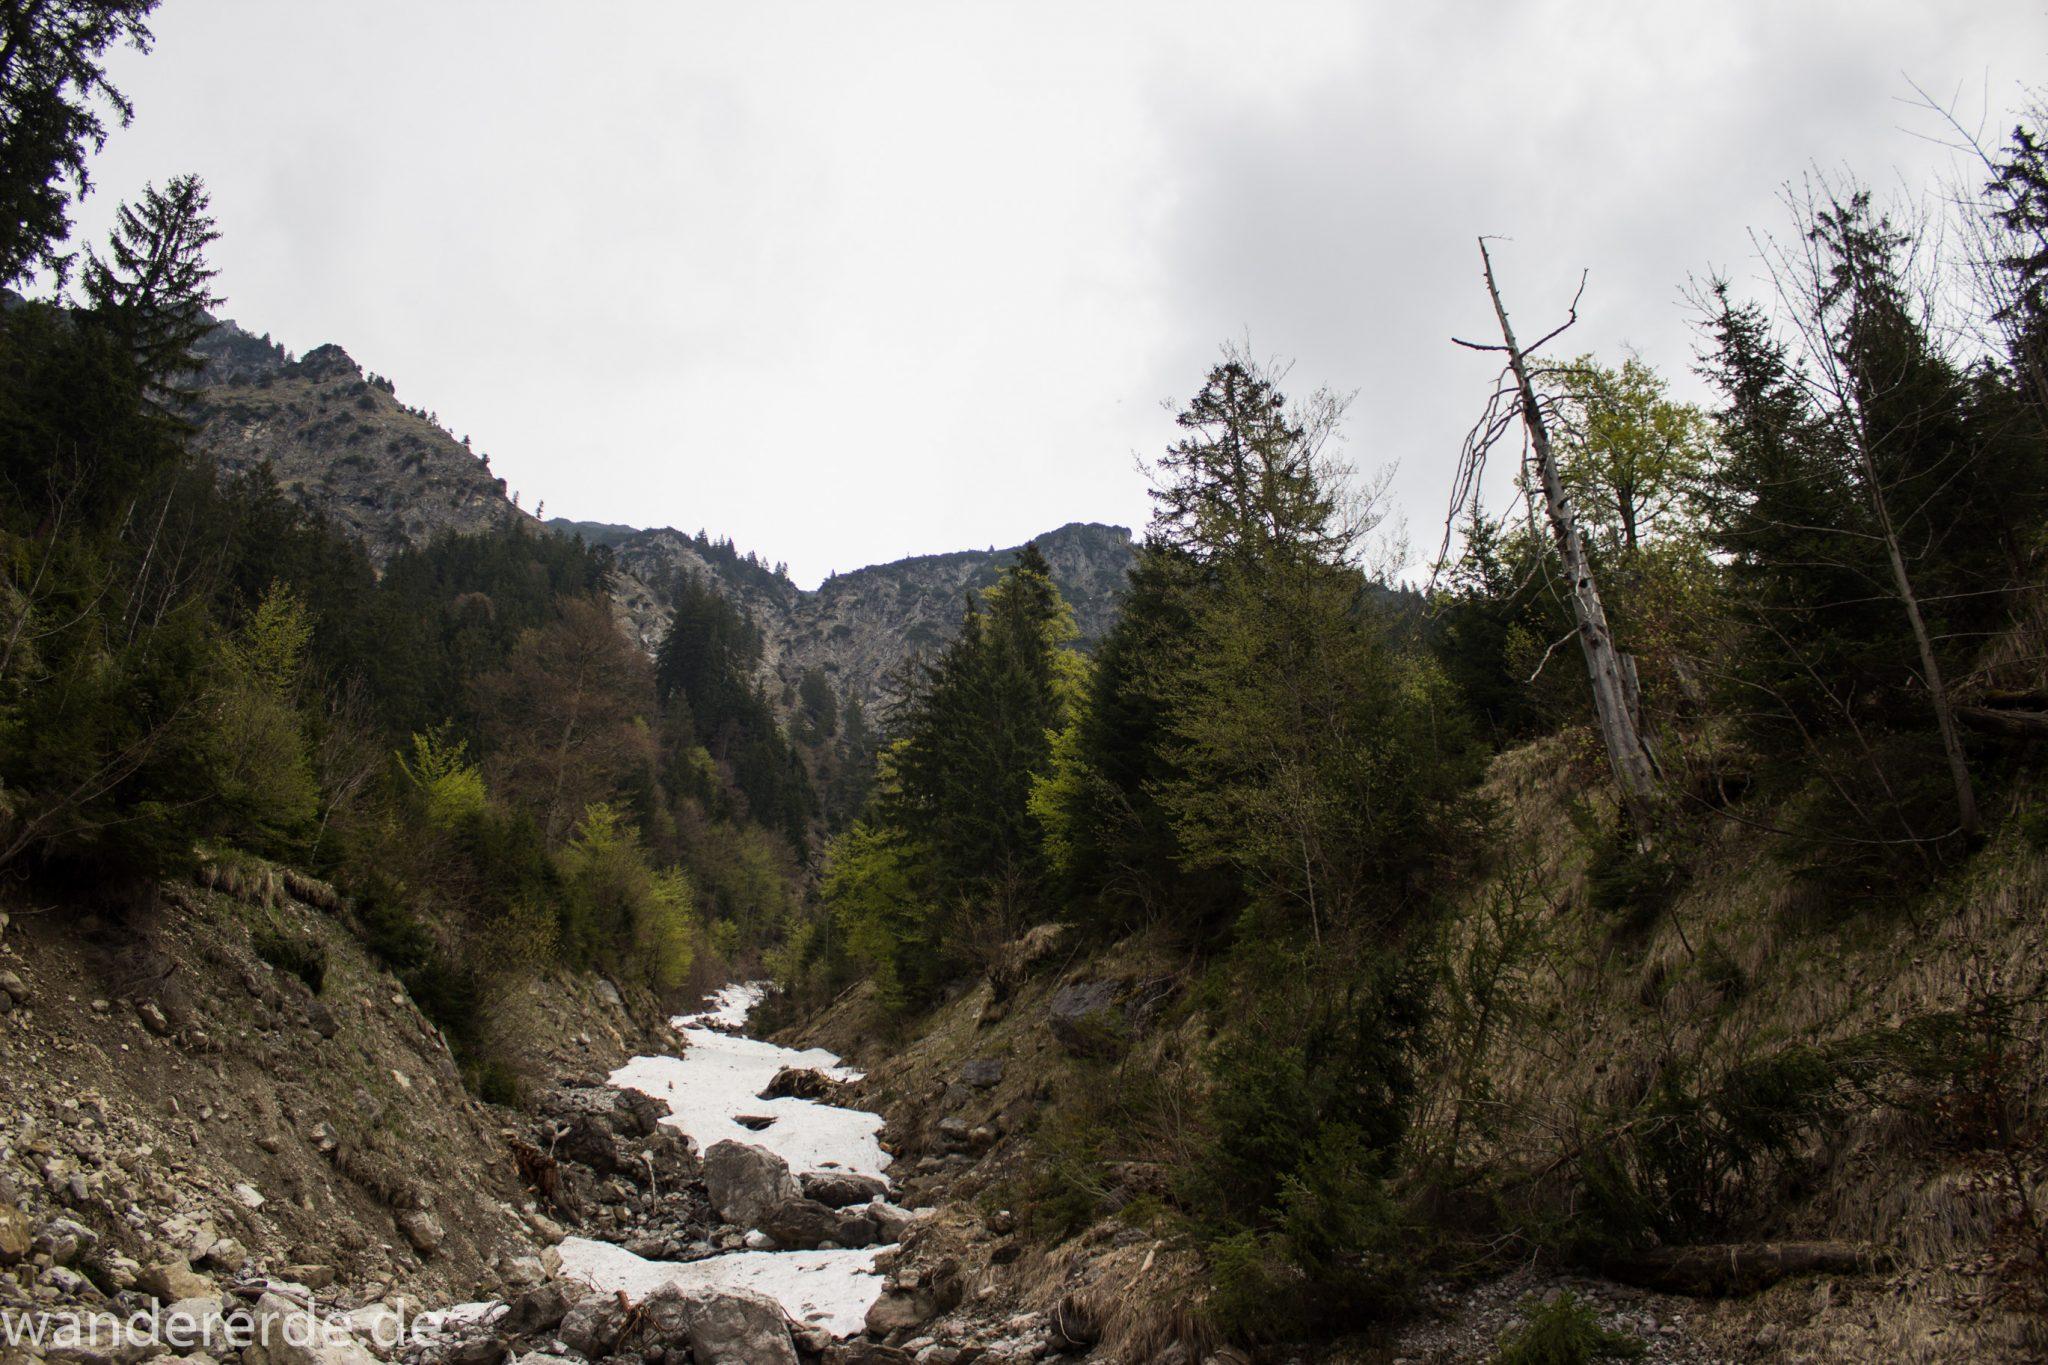 Wanderung Unterer Gaisalpsee, Wanderweg von Oberstdorf im Allgäu, schmalerer Kiespfad wird zunehmend steil und felsig, umgeben von schönem dichtem Mischwald, in unteren Lagen liegt noch Schnee Mitte Mai, Blick auf Allgäuer Berge